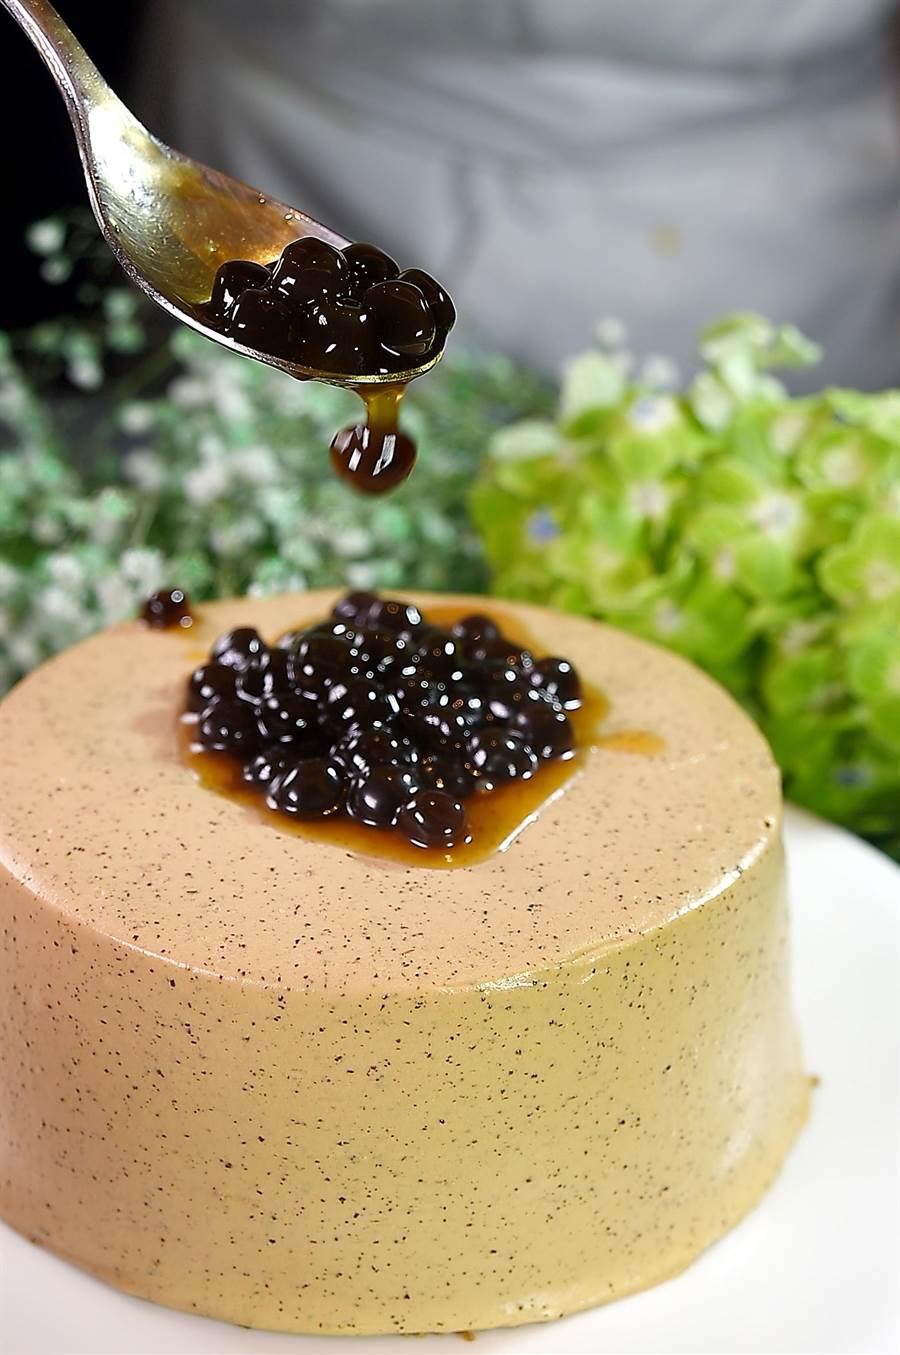 〈珍珠奶茶戚風蛋糕〉的蛋糕體與外層均用珍珠奶茶提味,最後淋上顆顆飽滿的黑糖珍珠而成。(圖/姚舜)